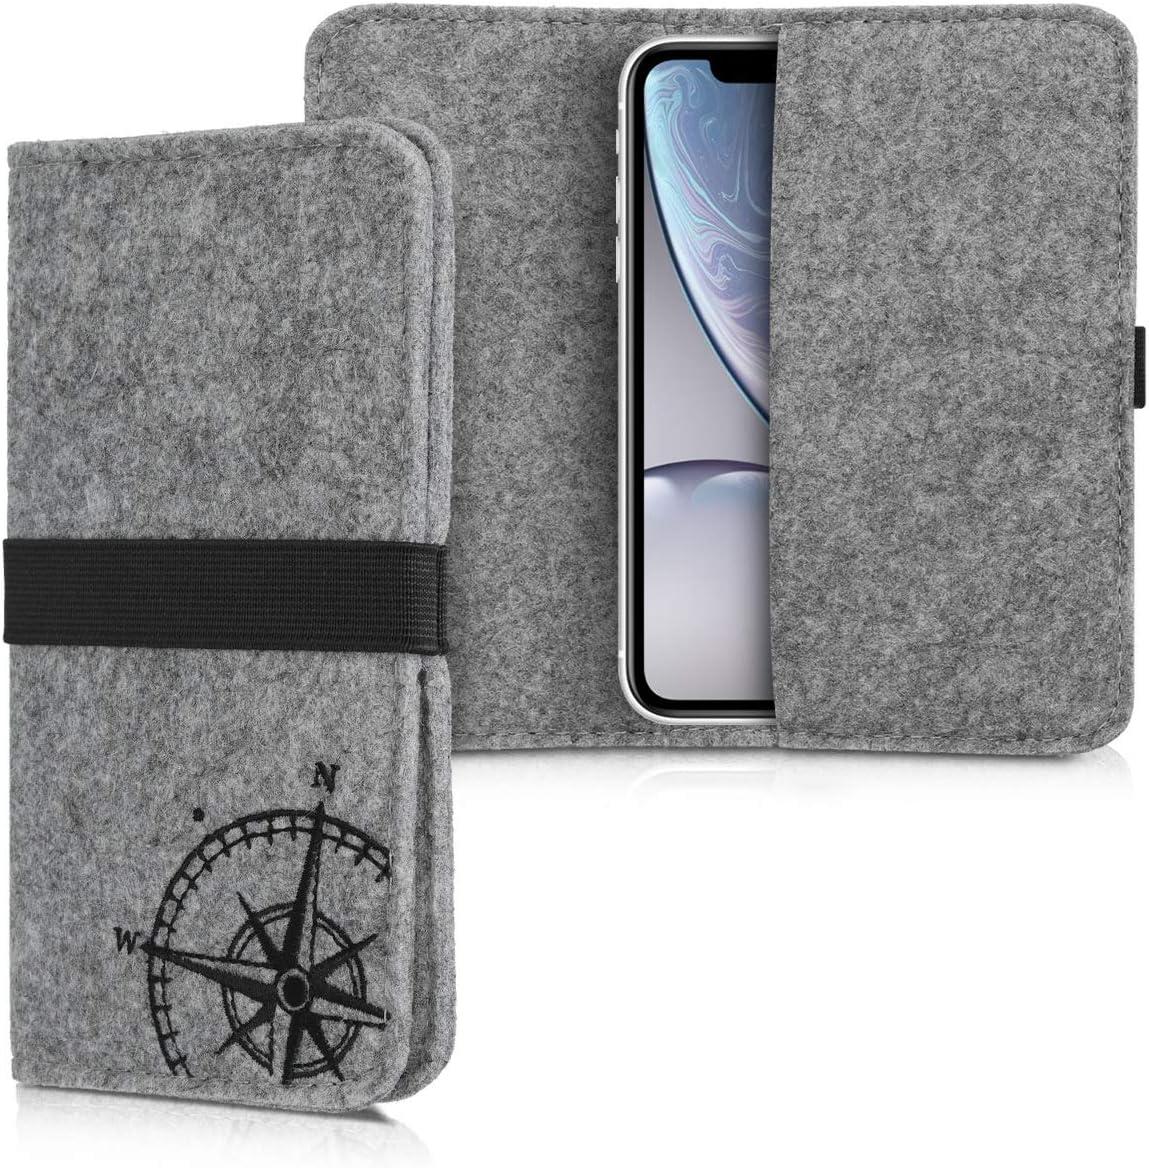 kwmobile Funda móvil Compatible con Smartphone - Carcasa de Fieltro Universal con Banda y Bolsillos Aguja magnética Negro/Gris Claro